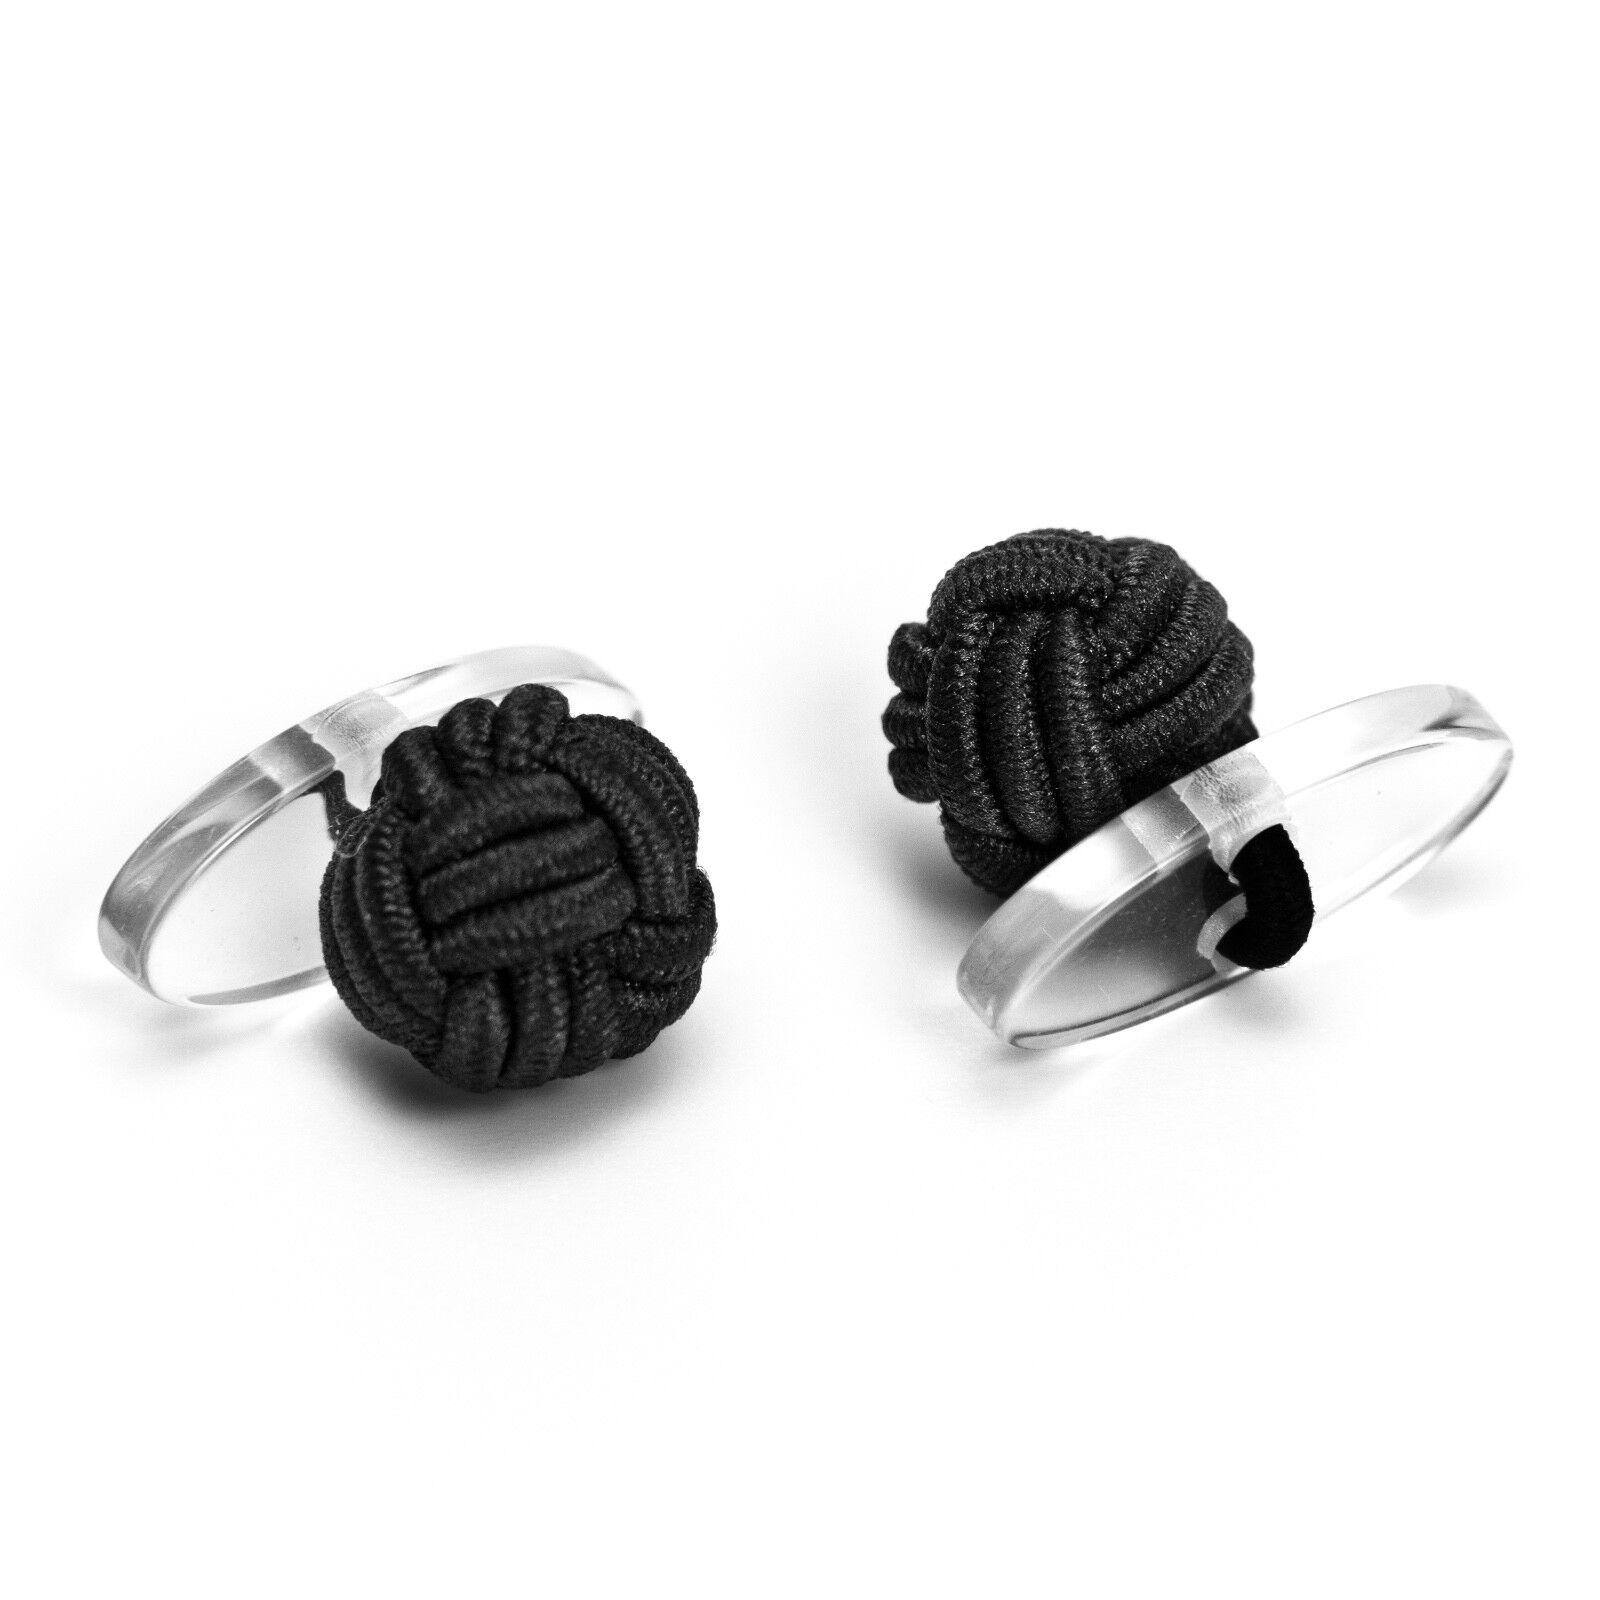 1 Paar Seidenknoten Manschettenknöpfe Cufflinks, schwarz mit Plastik-Steg innen